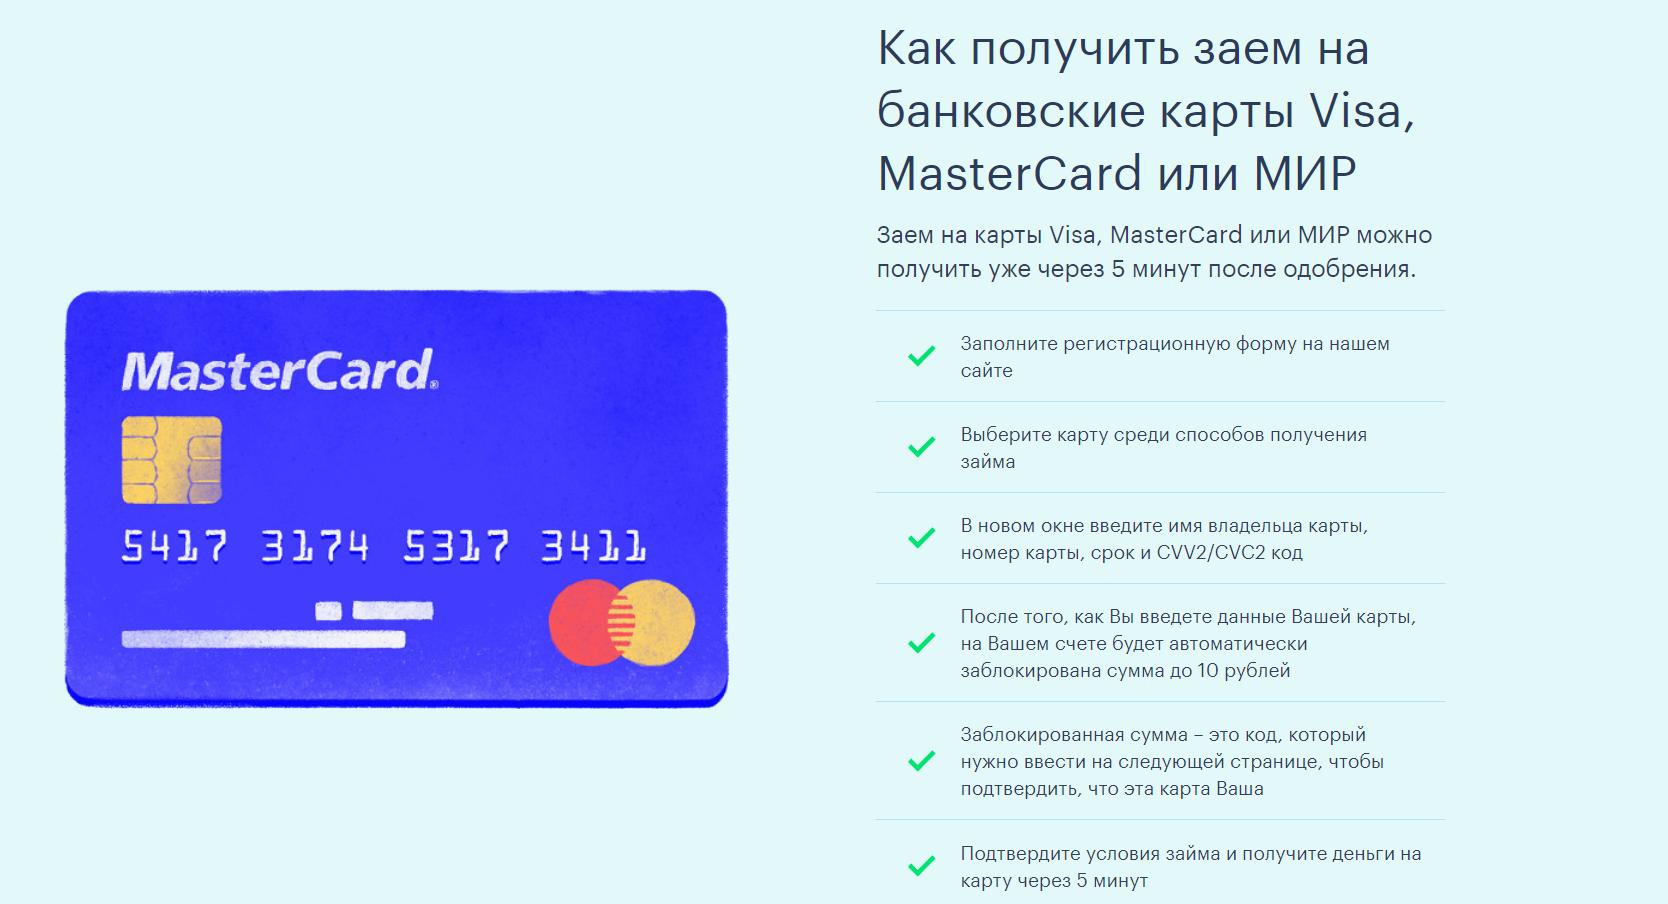 займ на киви кошелек без отказов мгновенно онлайн без паспорта на 30